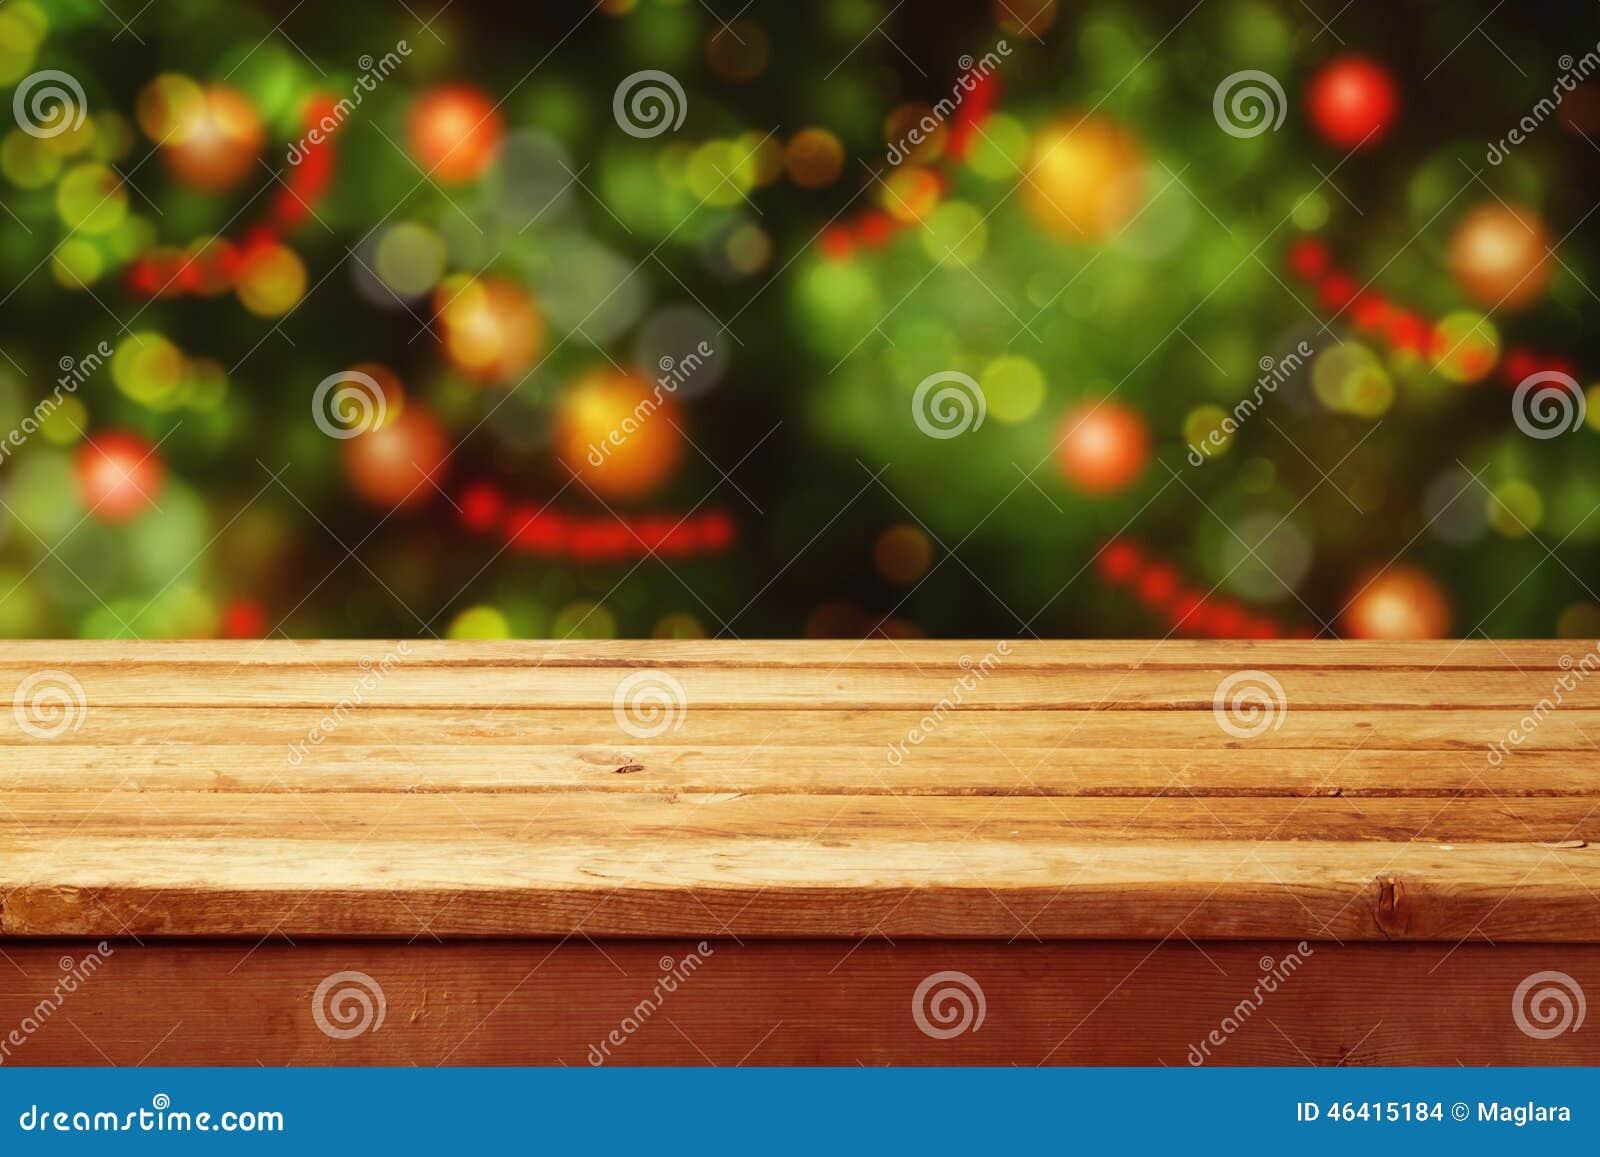 Fond de vacances de Noël avec la table en bois vide de plate-forme au-dessus du bokeh de fête Préparez pour le montage de produit